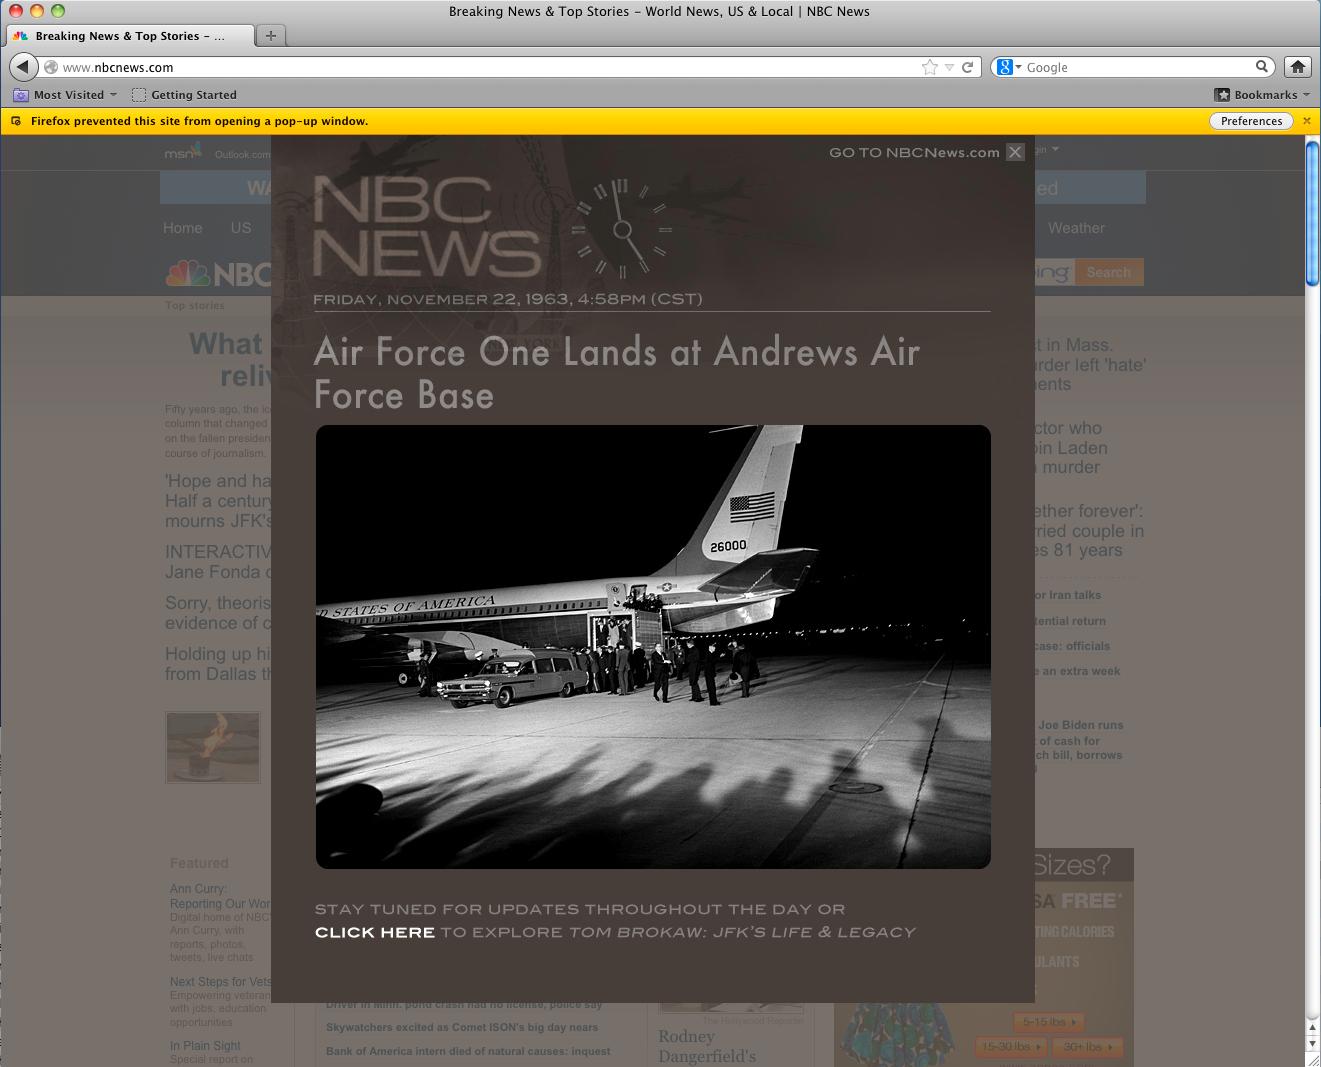 Screen shot 2013-11-22 at 6.01.32 PM.png